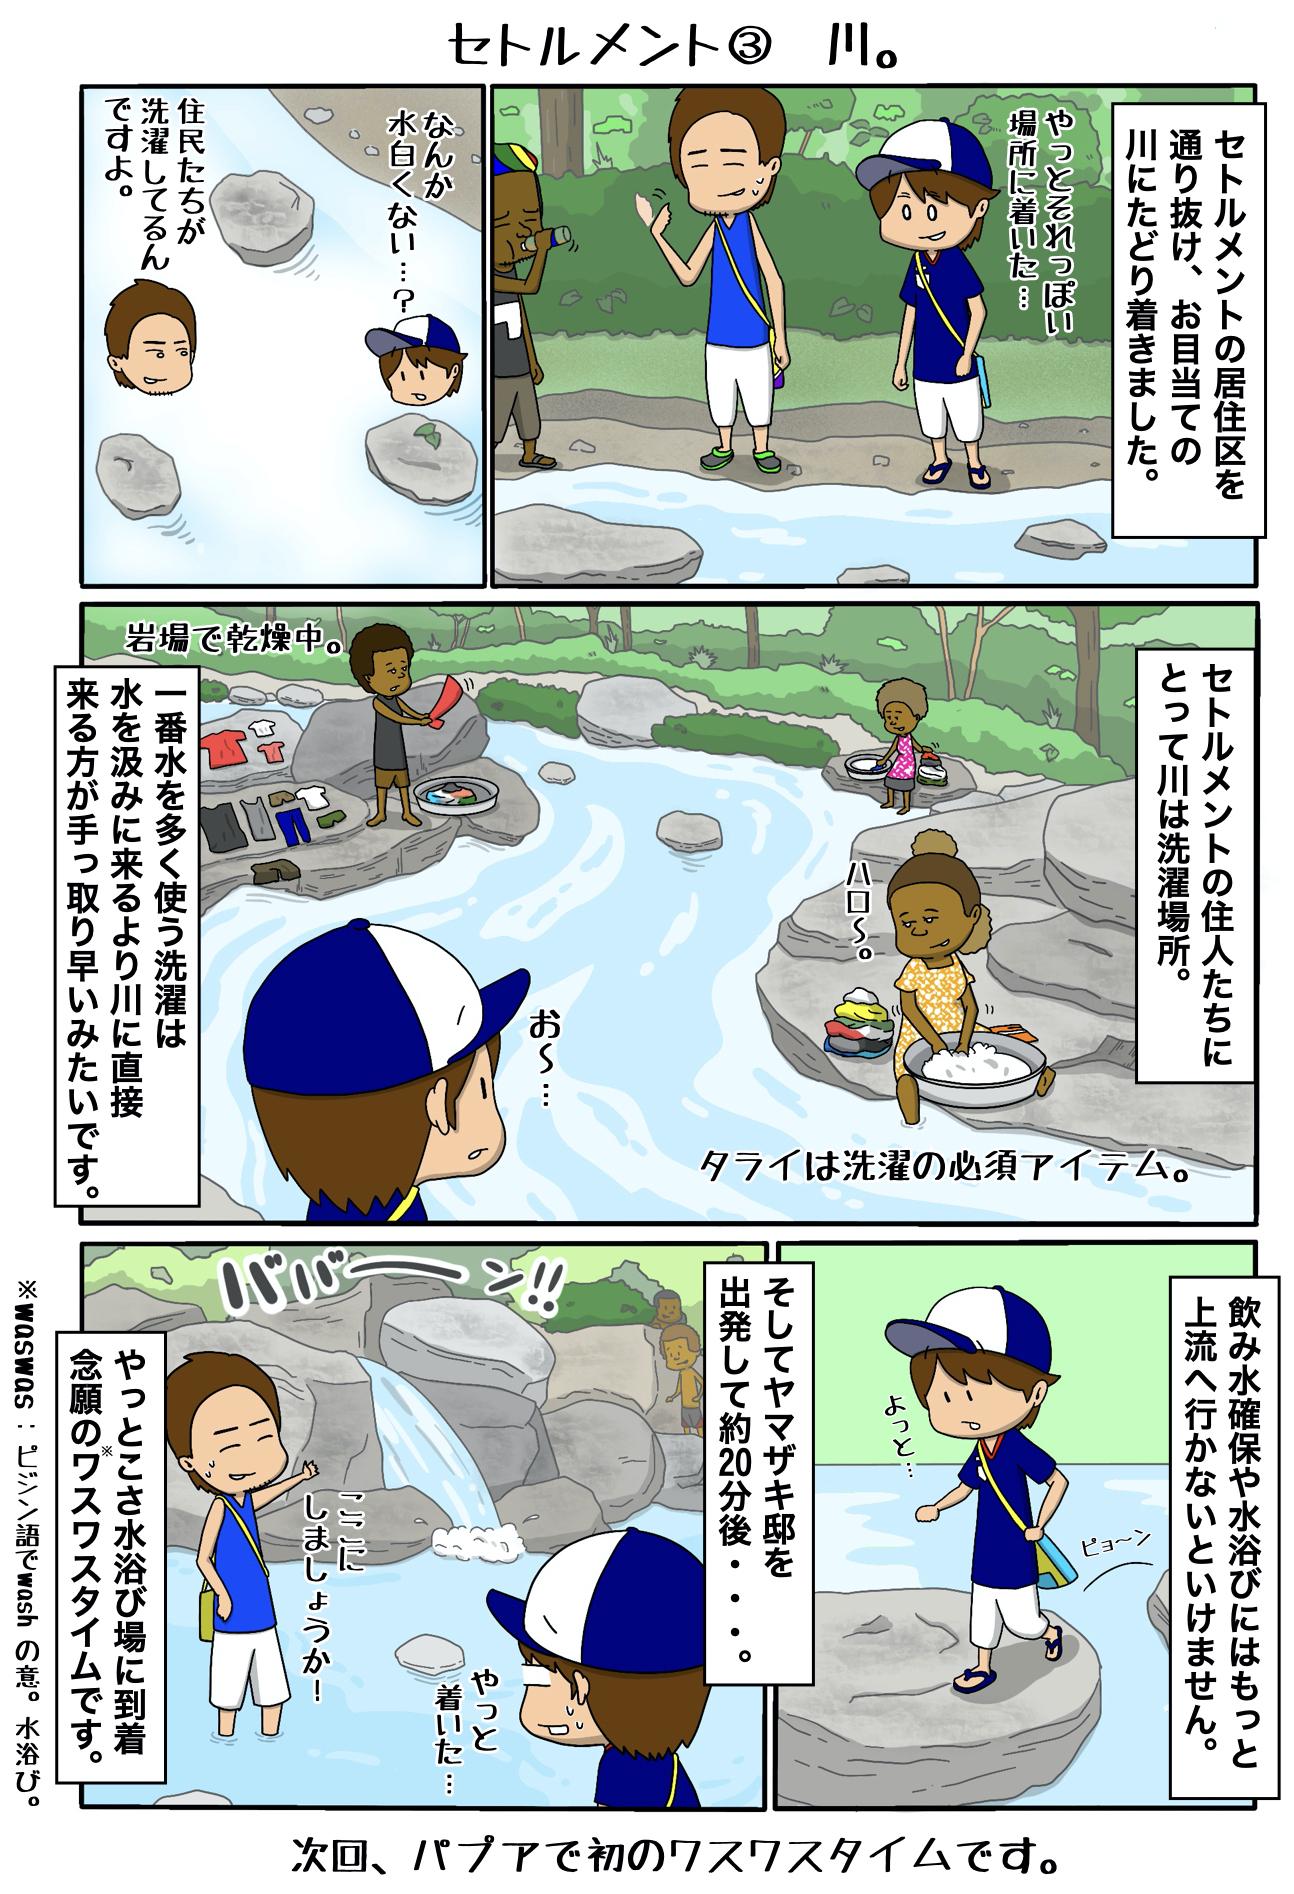 パプア マンガ 144 セトルメント③ 川!